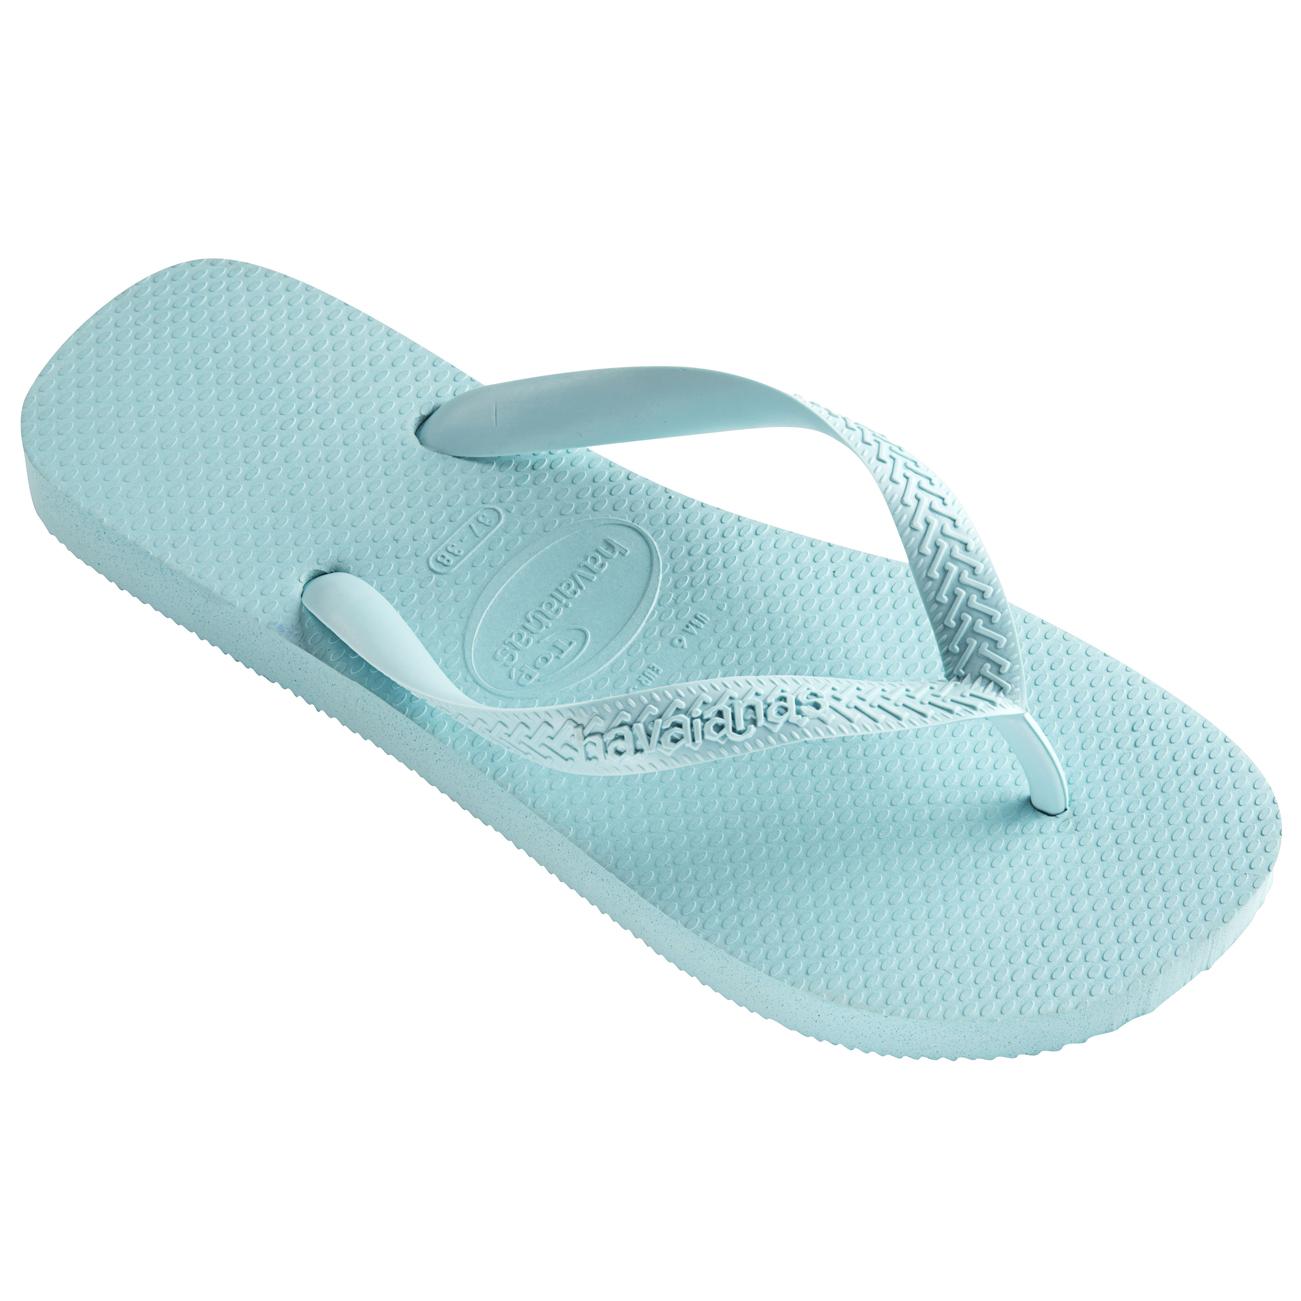 Havaianas Damen Top Gummi Leicht Strand Urlaub Lässig Sandale Flip-Flop - Pistazie - 41/42 aNGKDf